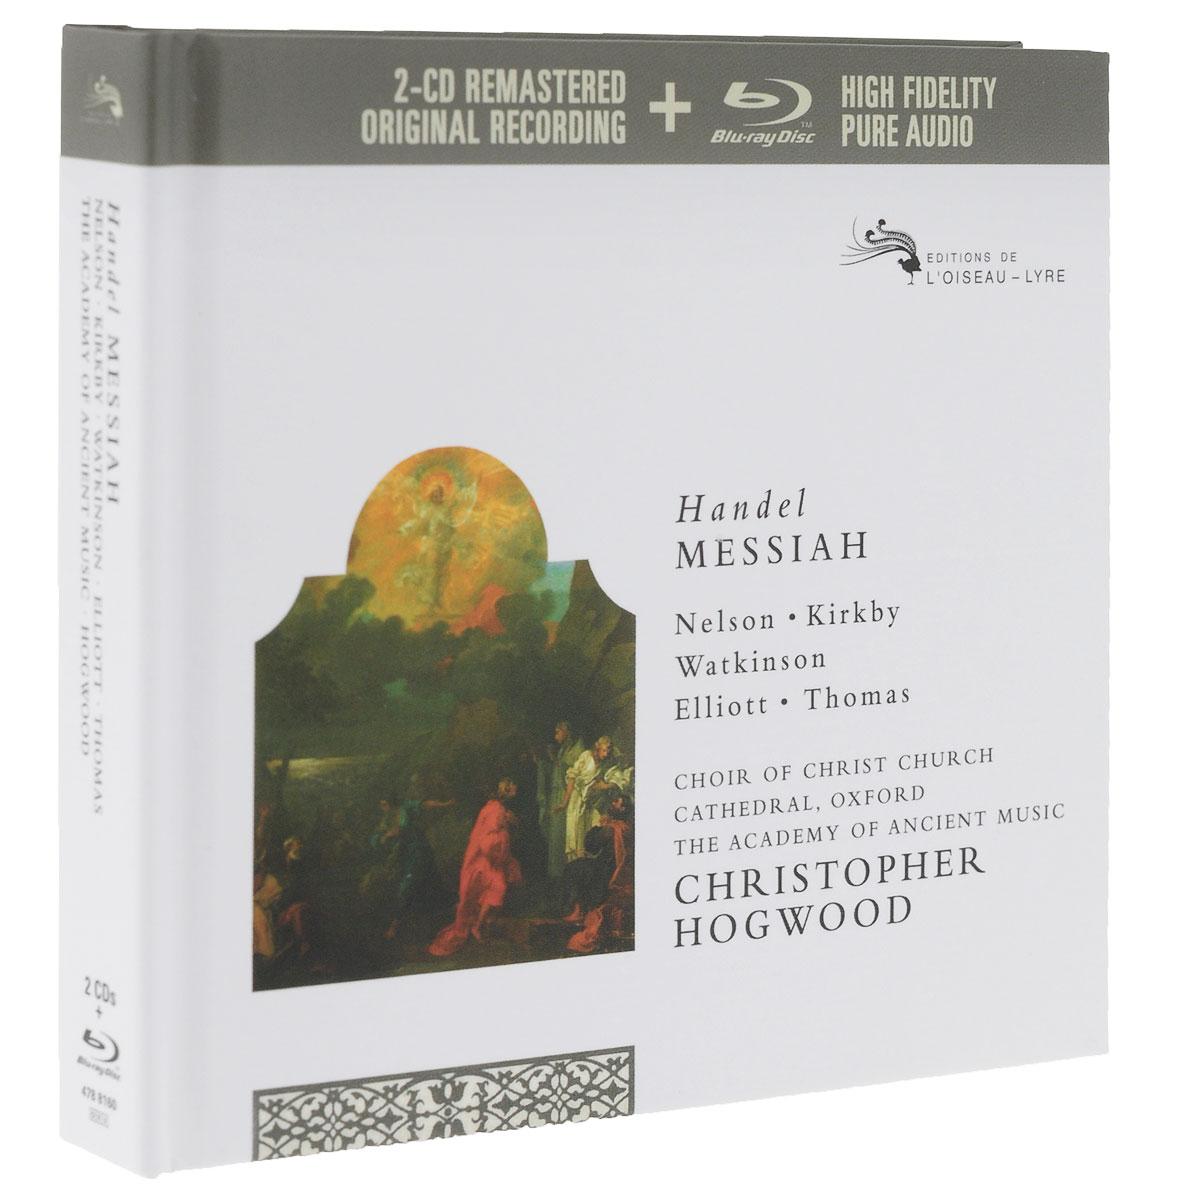 Издание упаковано в картонный DigiPack с 130-страничным буклетом-книгой, закрепленным в середине упаковки. Буклет содержит фотографии и дополнительную информацию на английском, французском и немецком языках.